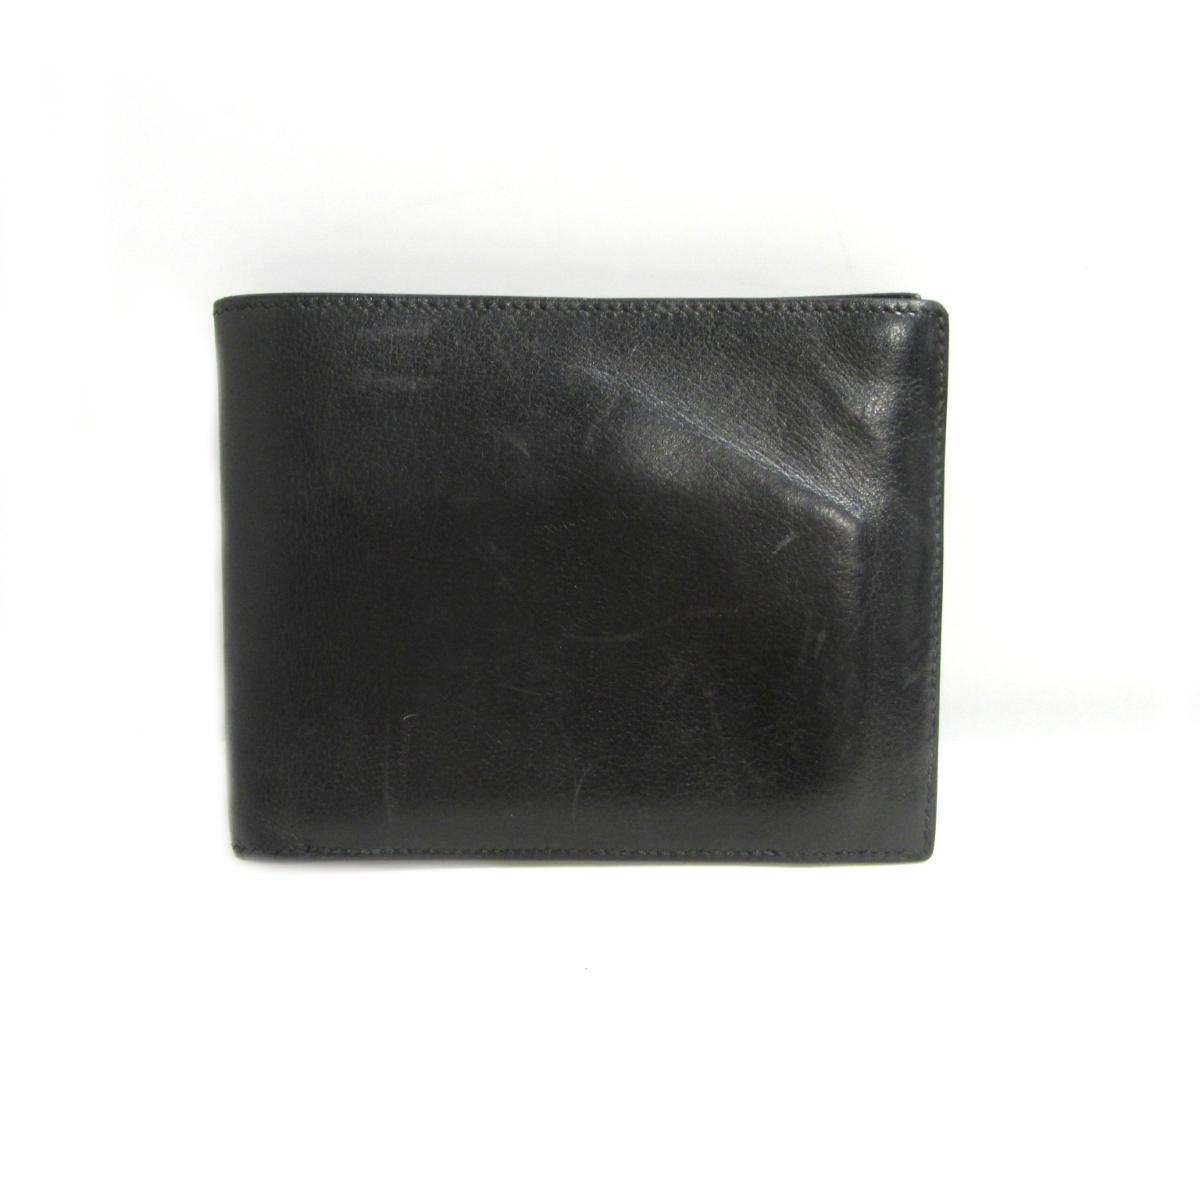 MC2 ガリレイ 二つ折り財布/メンズ 財布